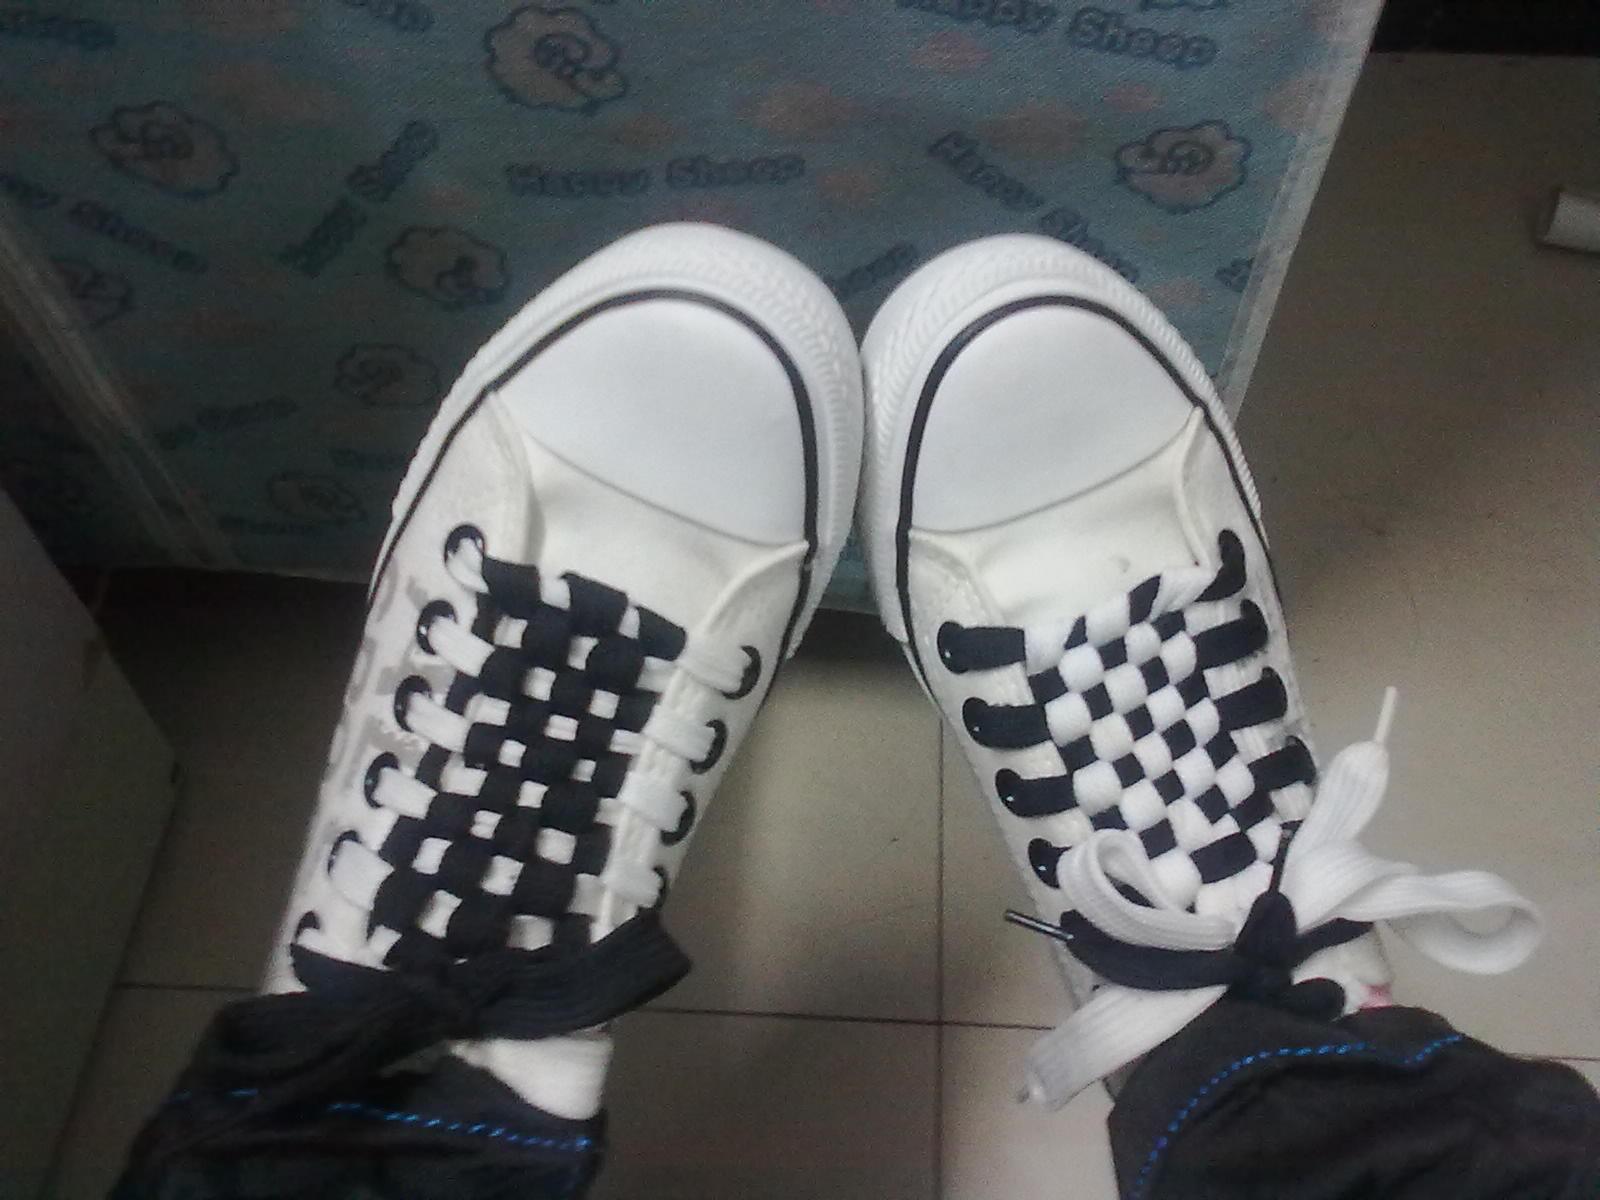 我自己绑的鞋带._天上掉下个小白吧图片